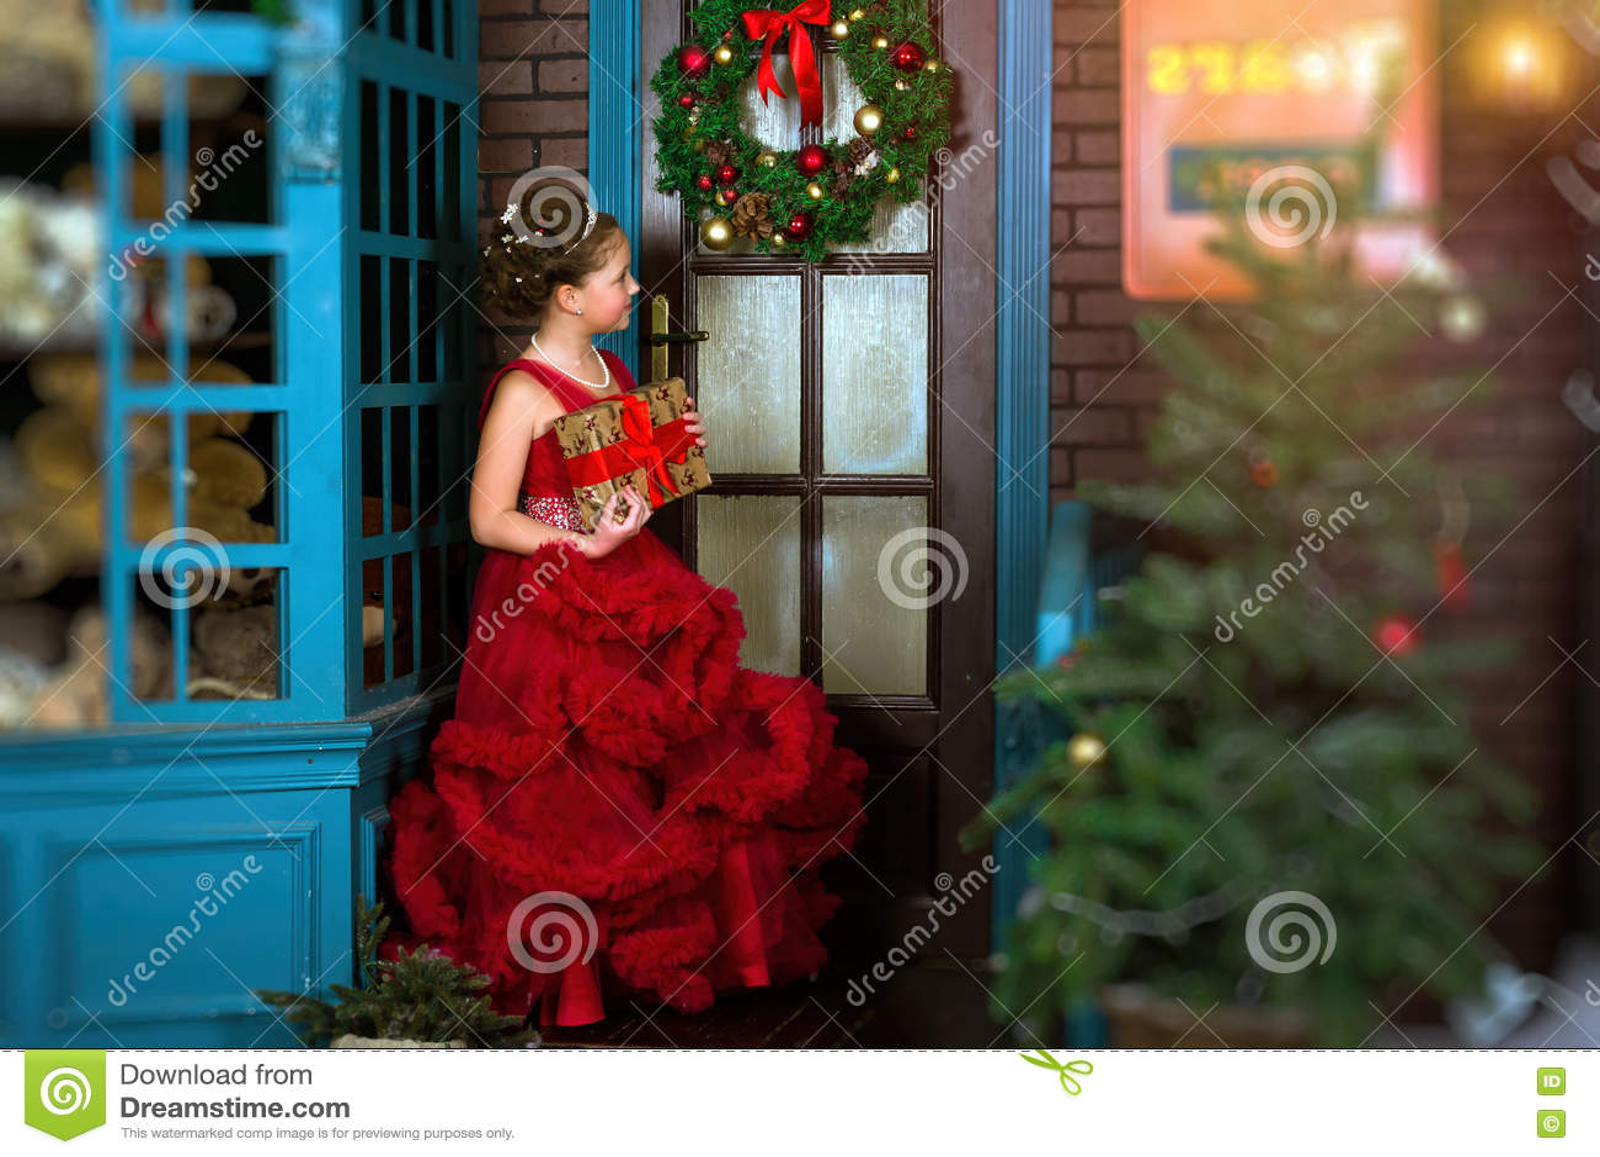 Wenig Winter Prinzessin Begrüßt Neues Jahr Und Weihnachten Stockfoto ...